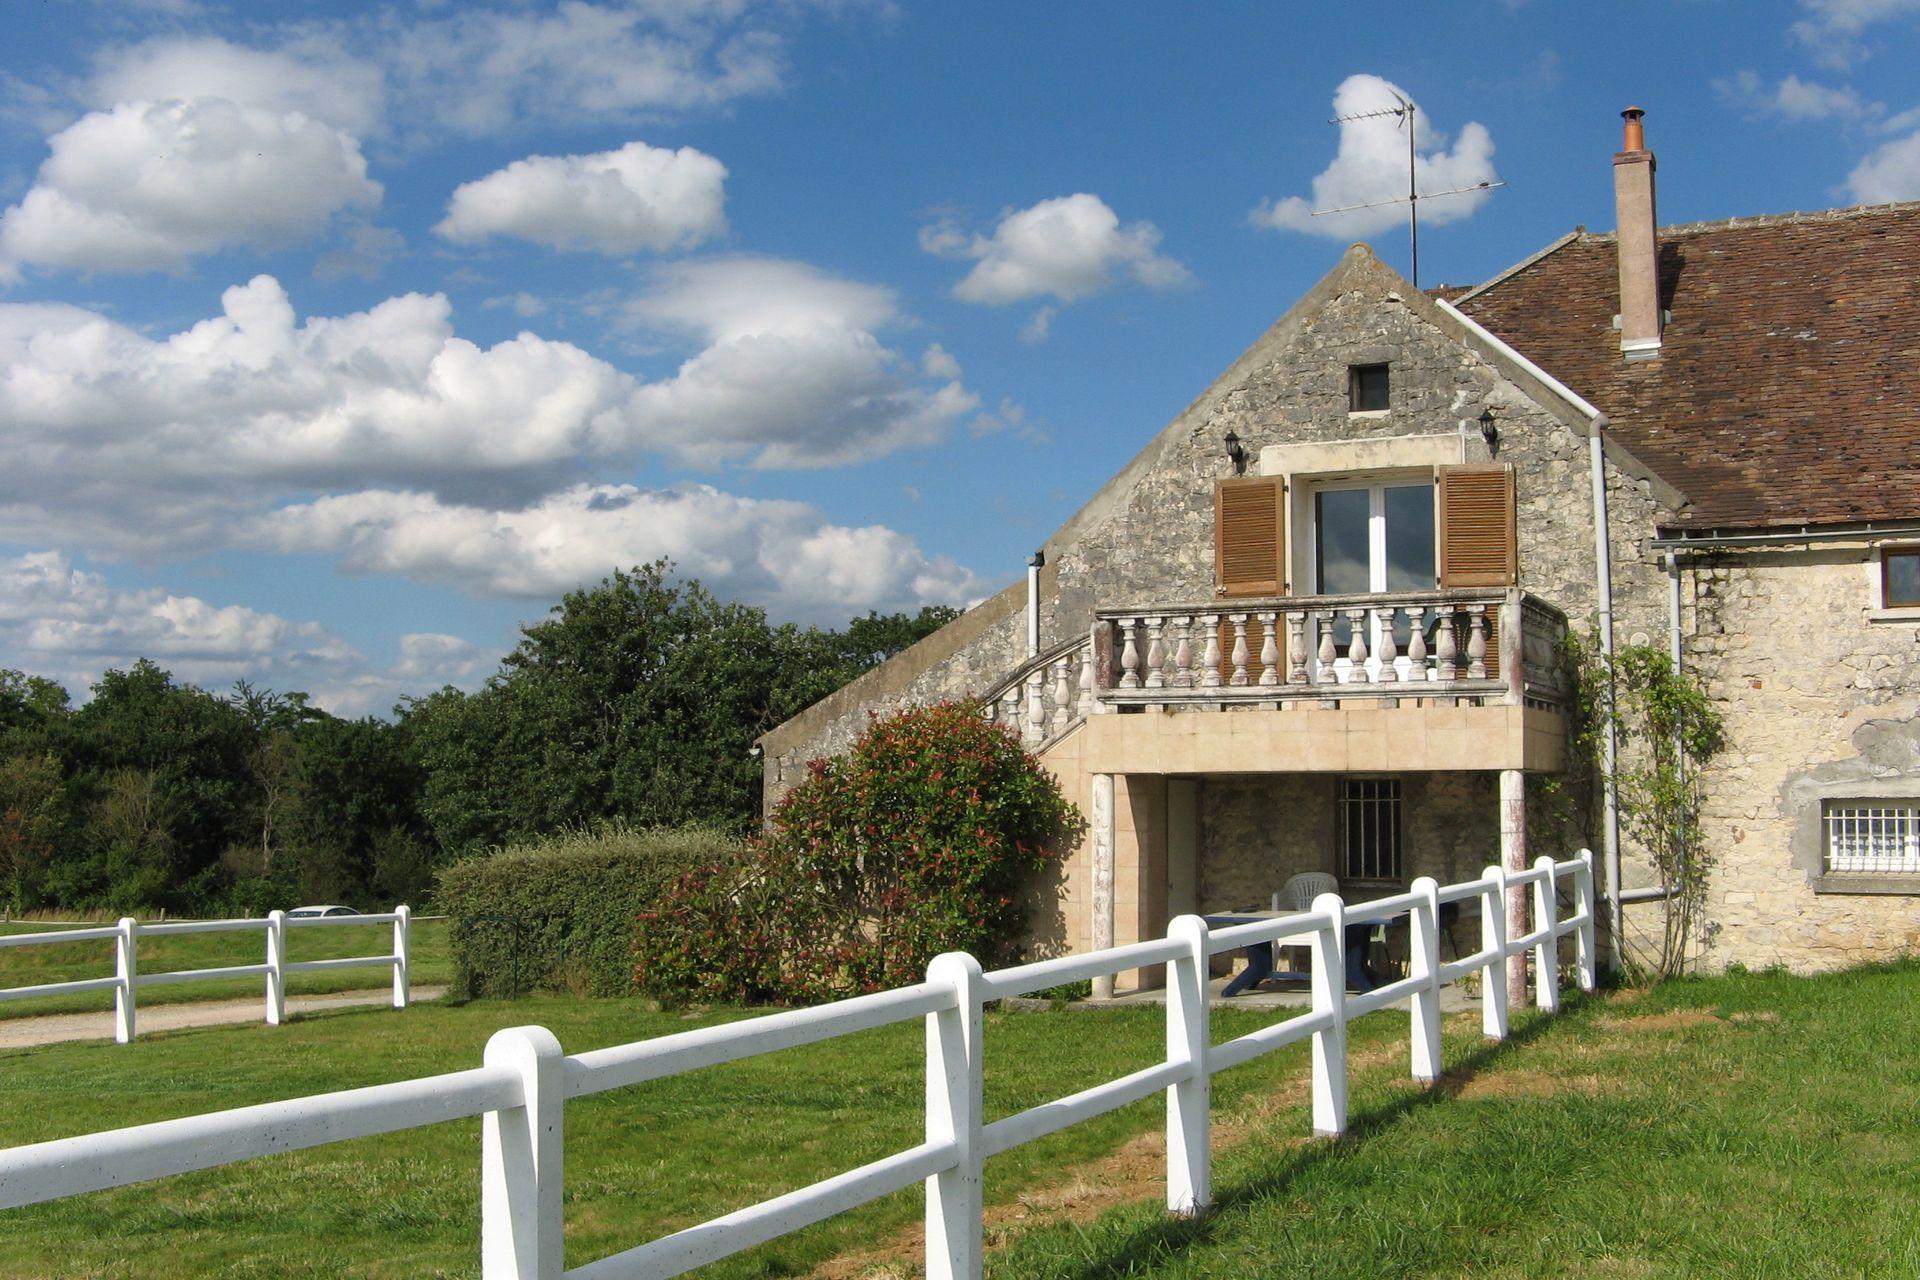 View holiday home Gites du Haras de la Fontaine 7 in Seine et